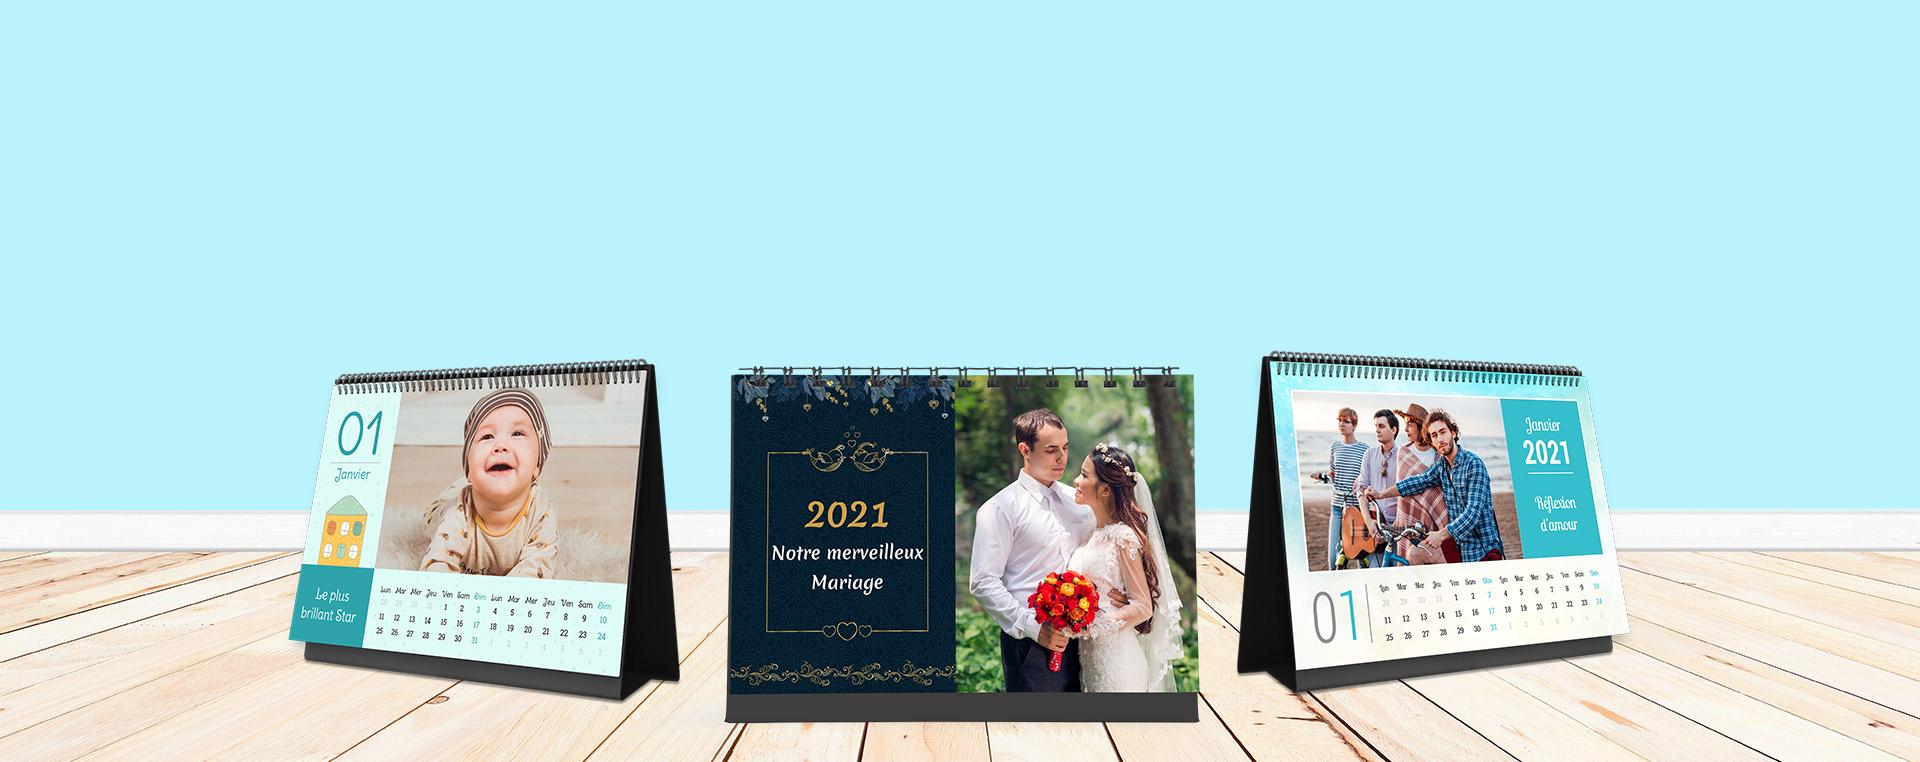 Créez vos propres calendriers photo en ligne - Picsy